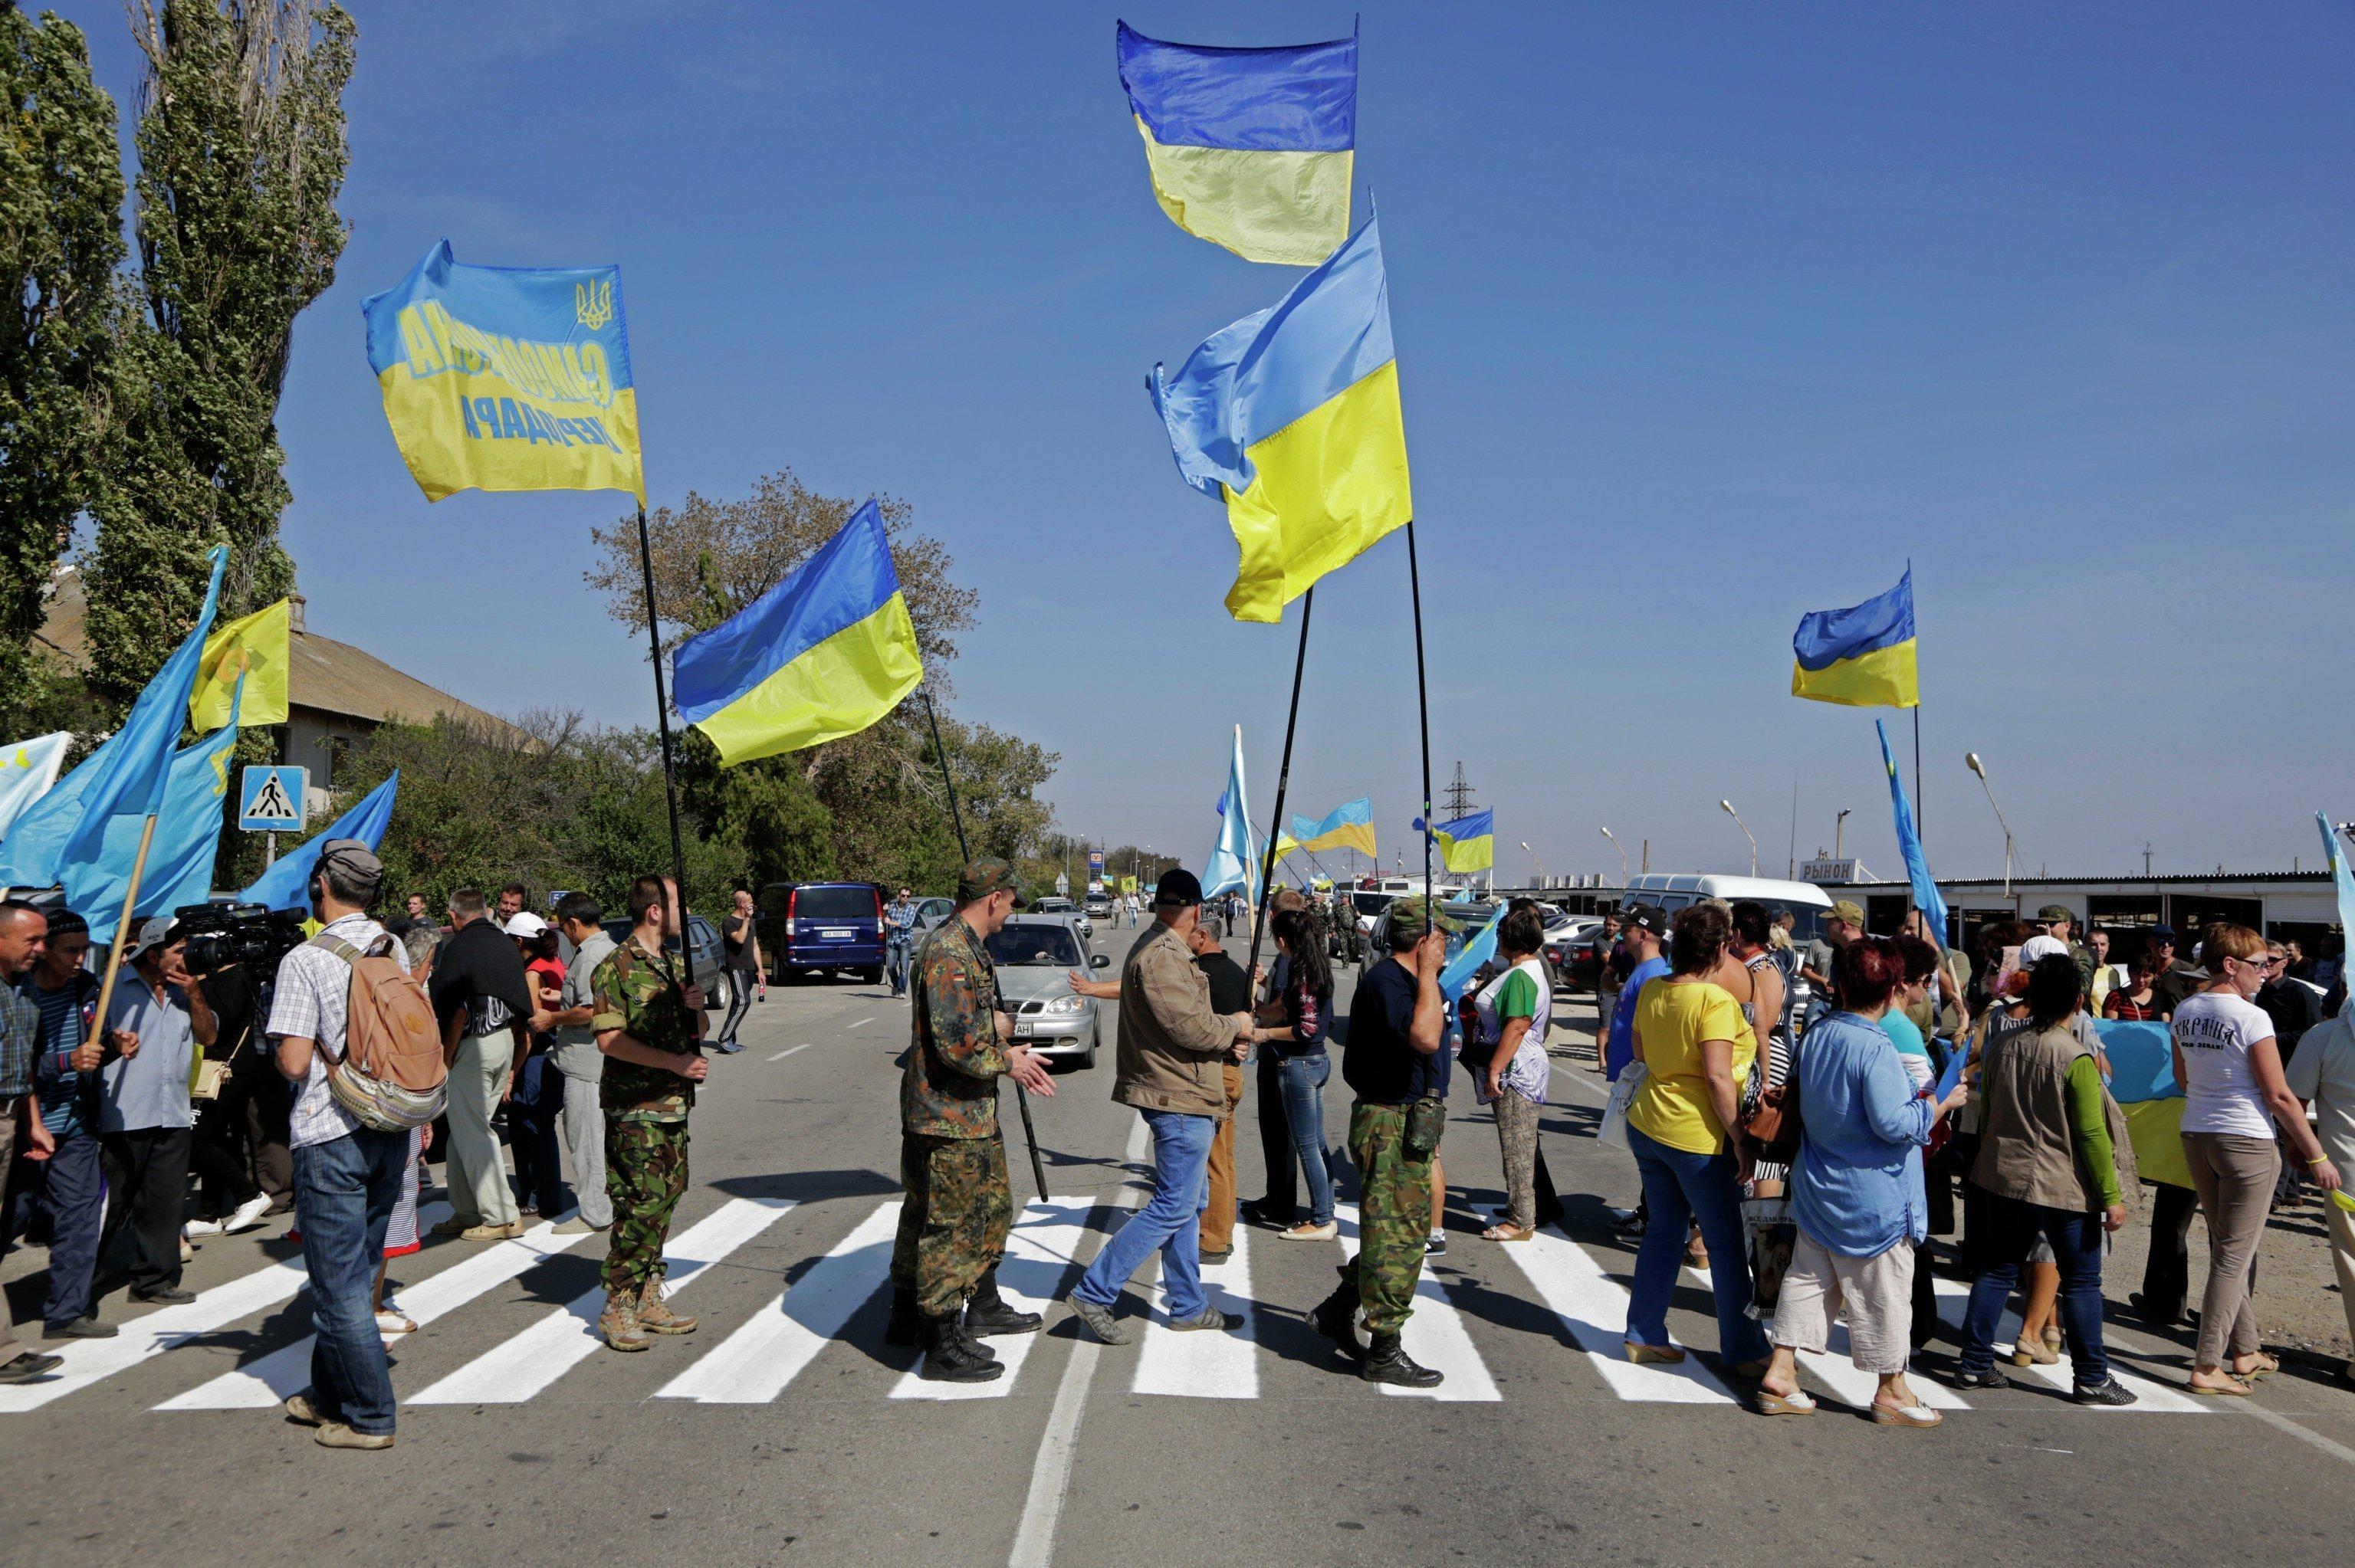 Фурам из России закрыли проезд: активисты ждут провокаций, а местные несут борщ в бидонах